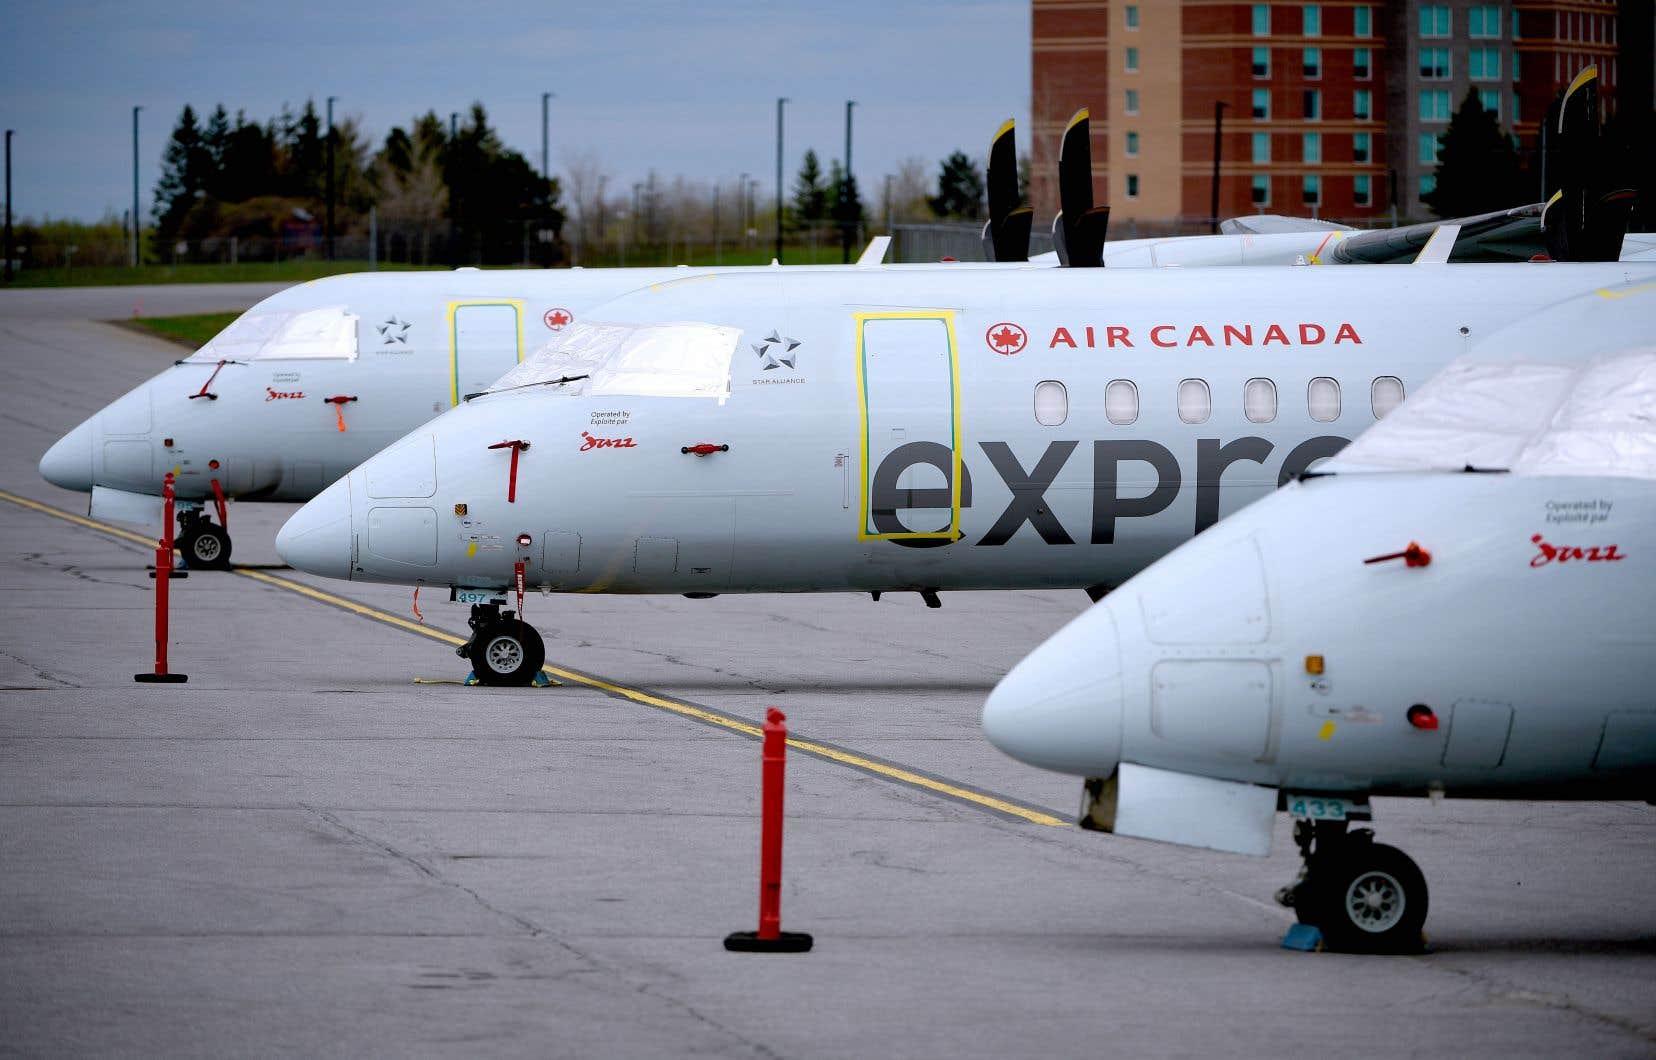 Sky Regional était associé à Air Canada pour exploiter des vols le long des routes régionales au pays et aux États-Unis, sous la marque Air Canada Express.